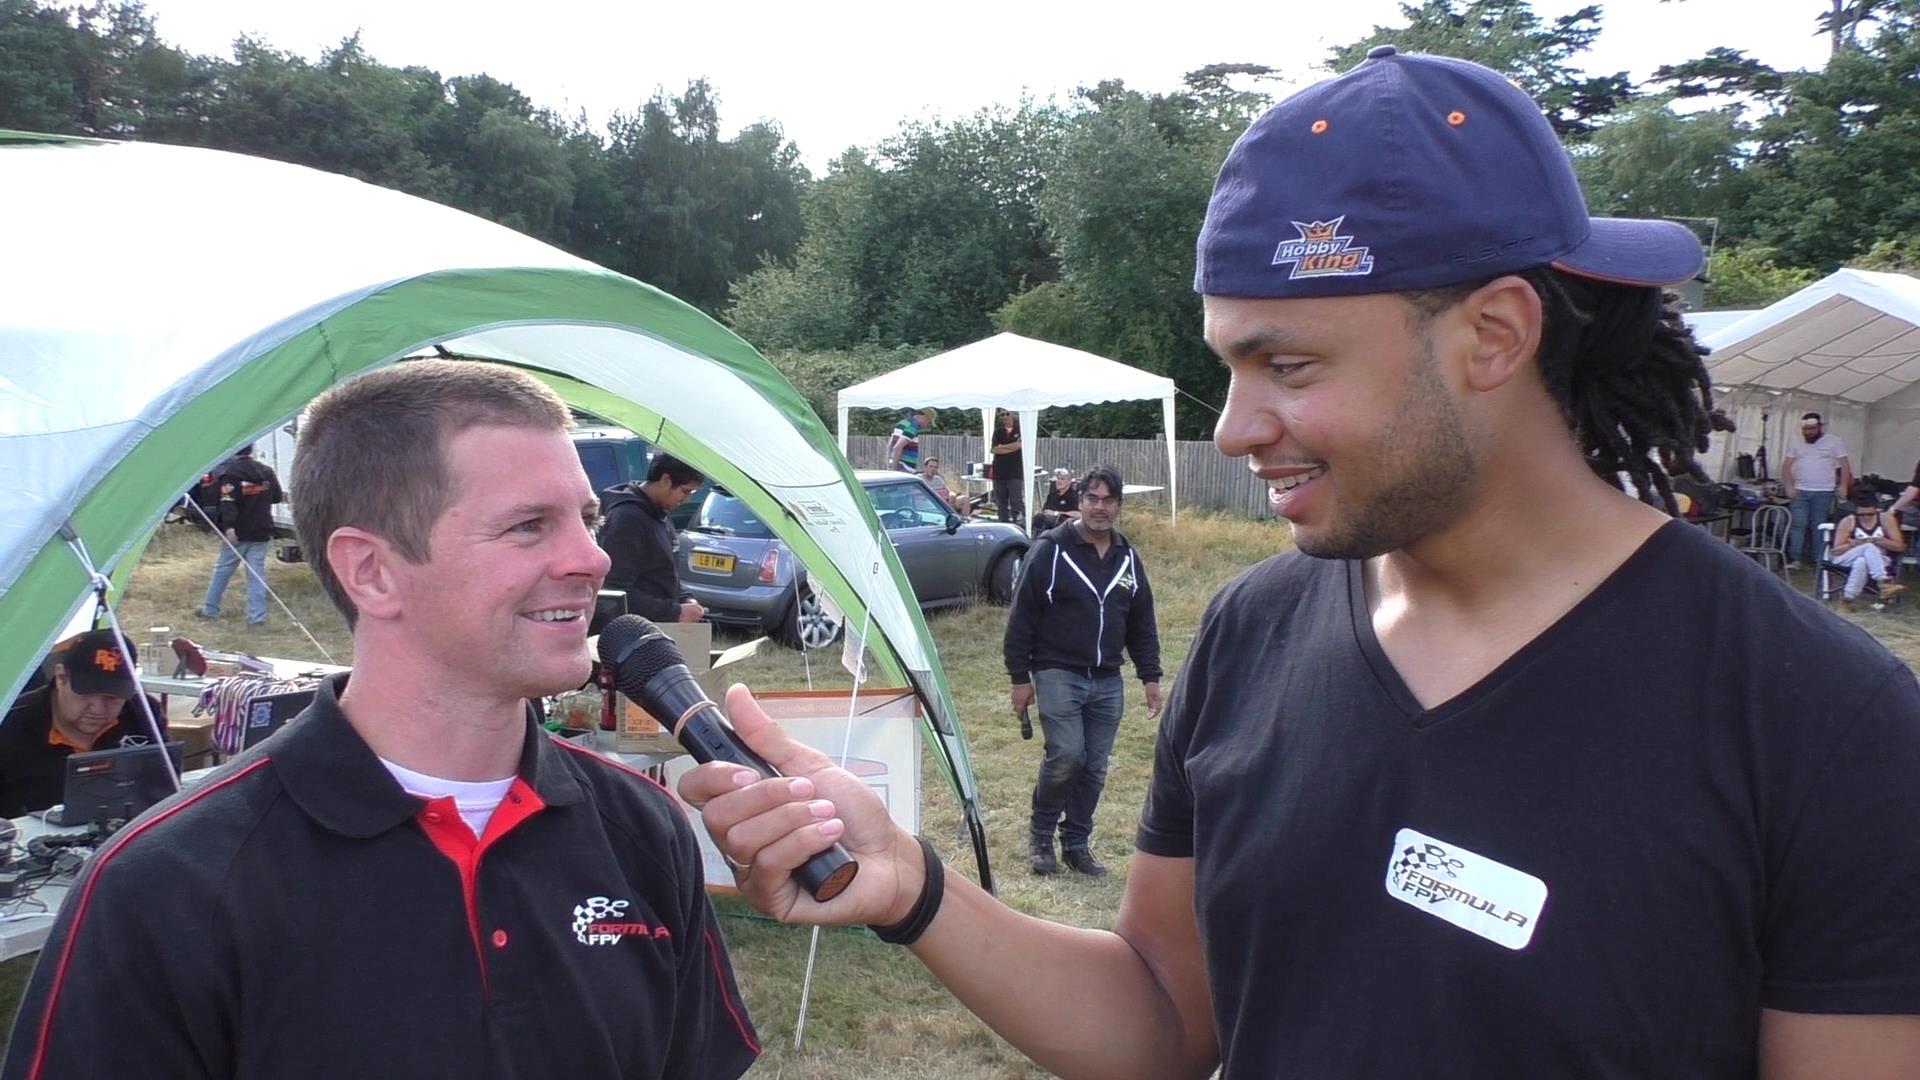 Formula FPV - Summer Rush 2016 - British FPV Mini Quad Racing